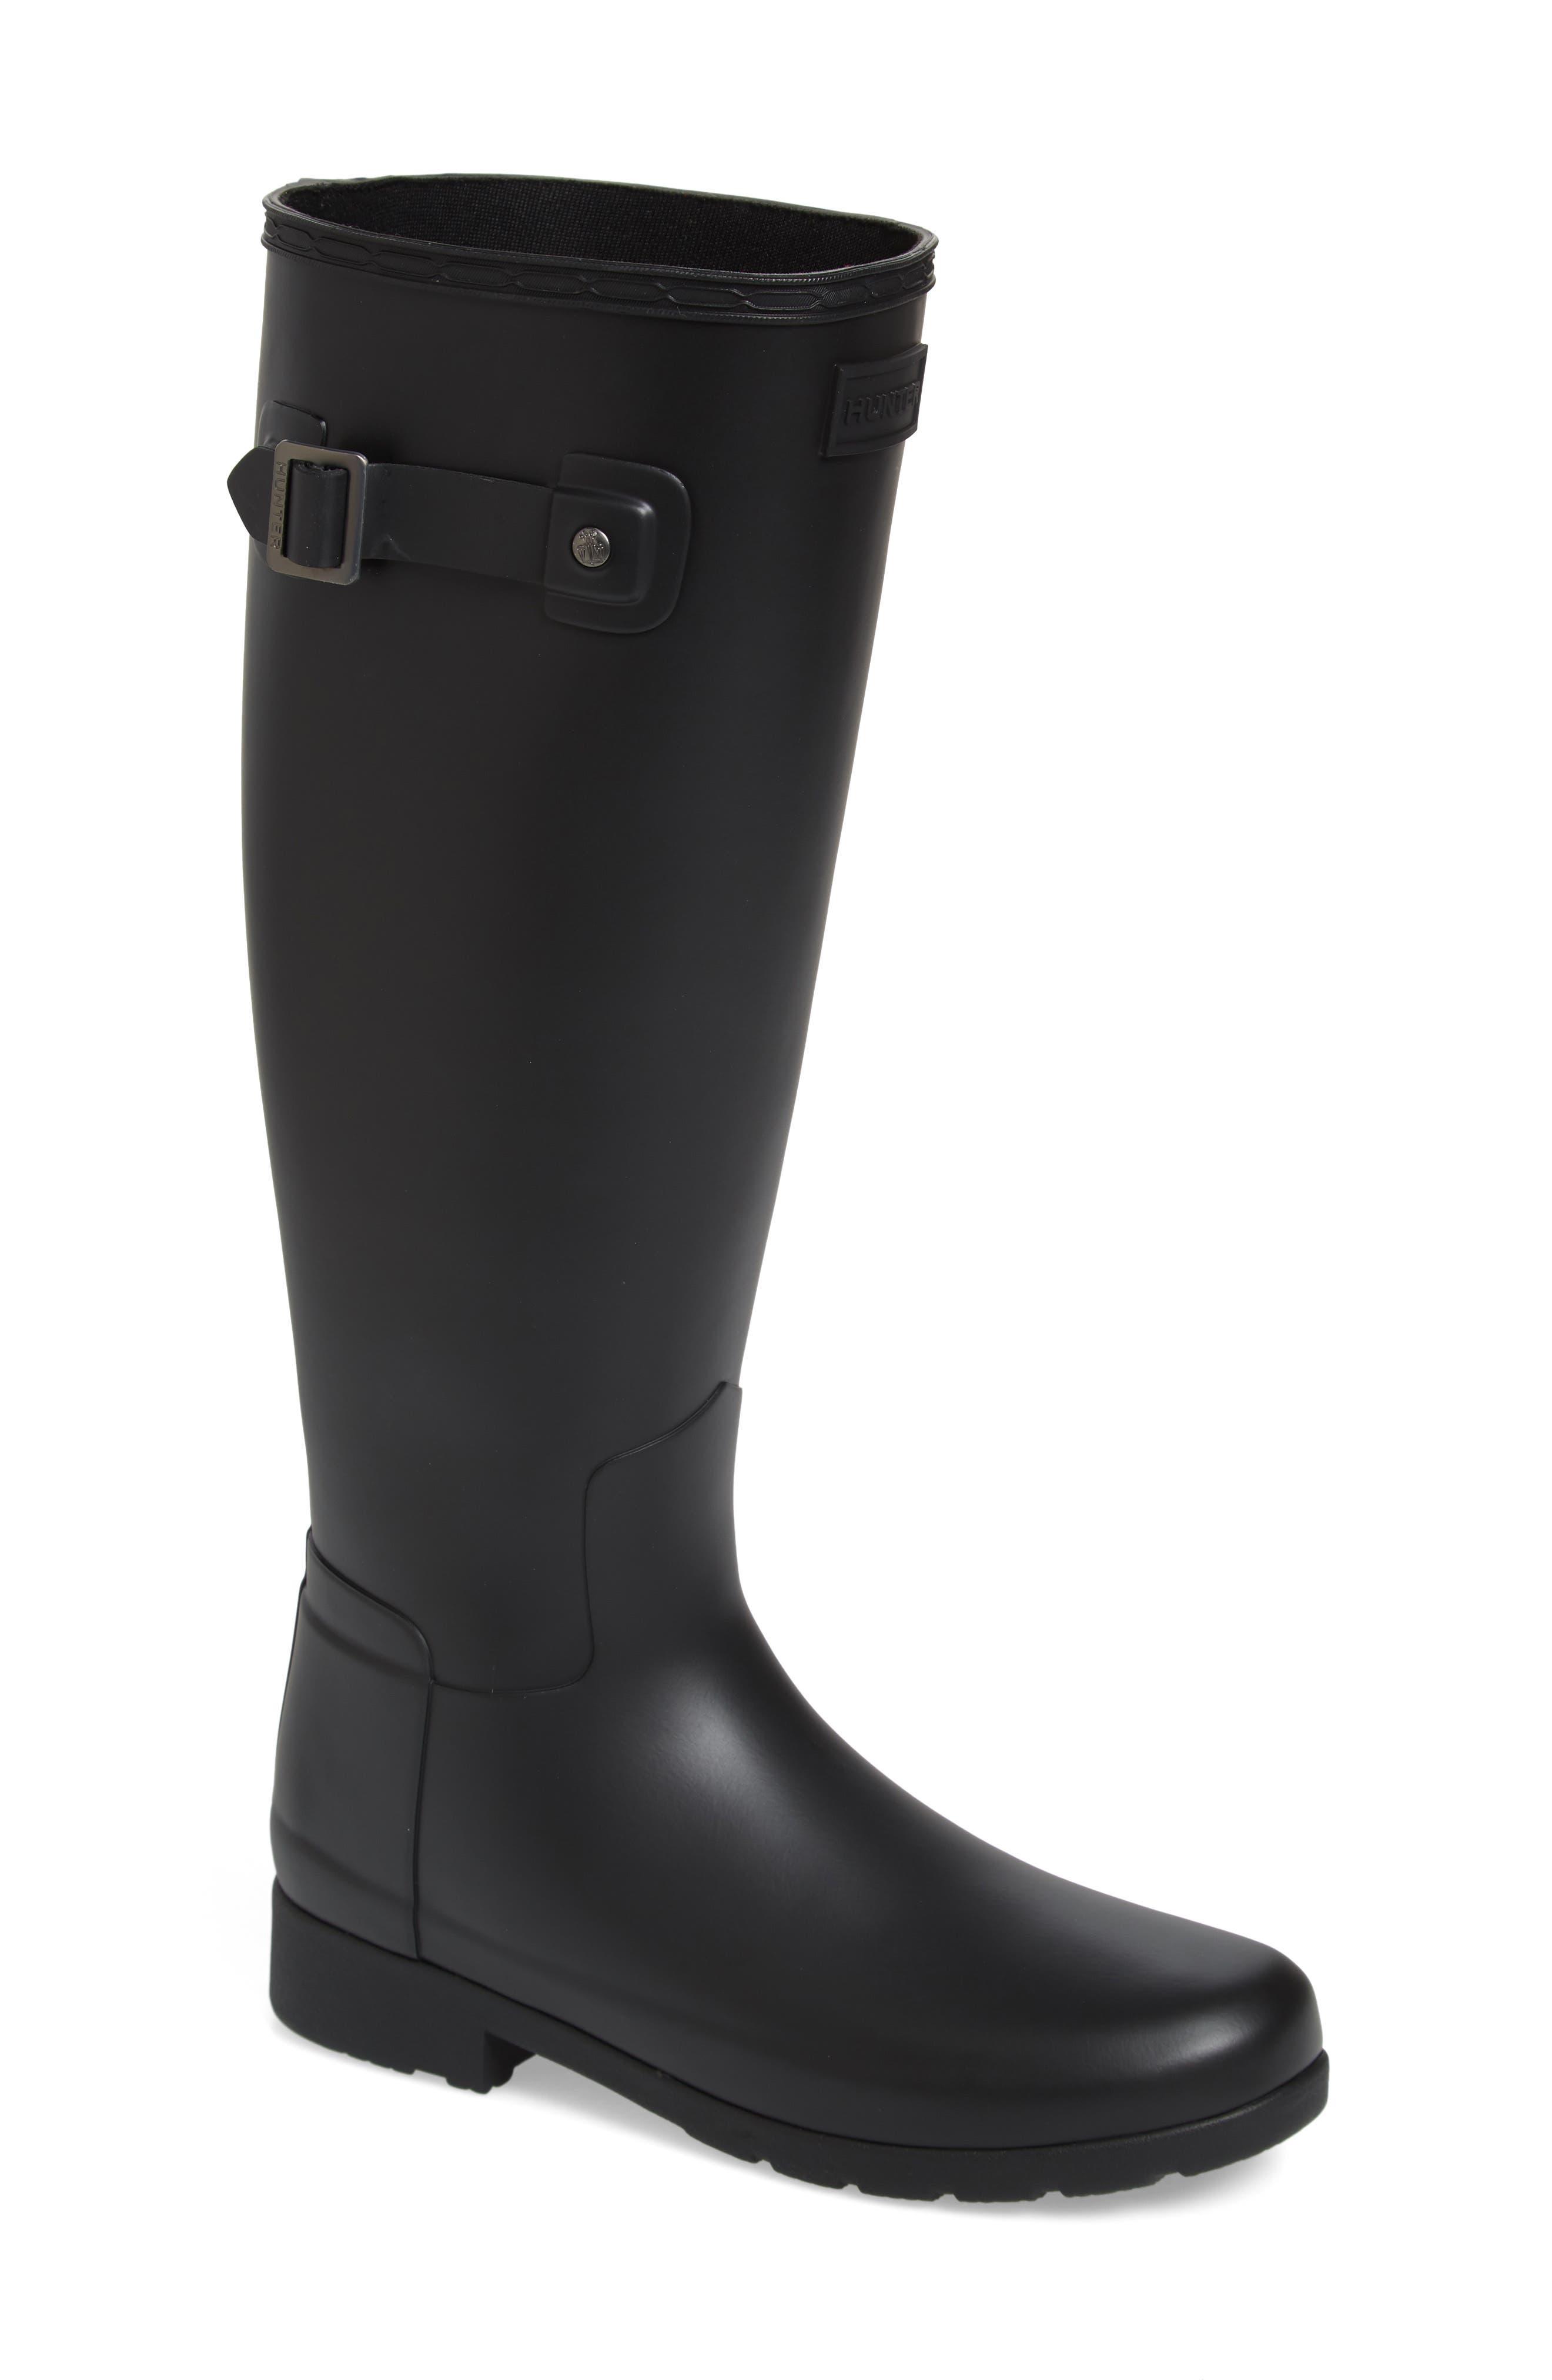 HUNTER Original Refined Waterproof Rain Boot, Main, color, BLACK REGULAR